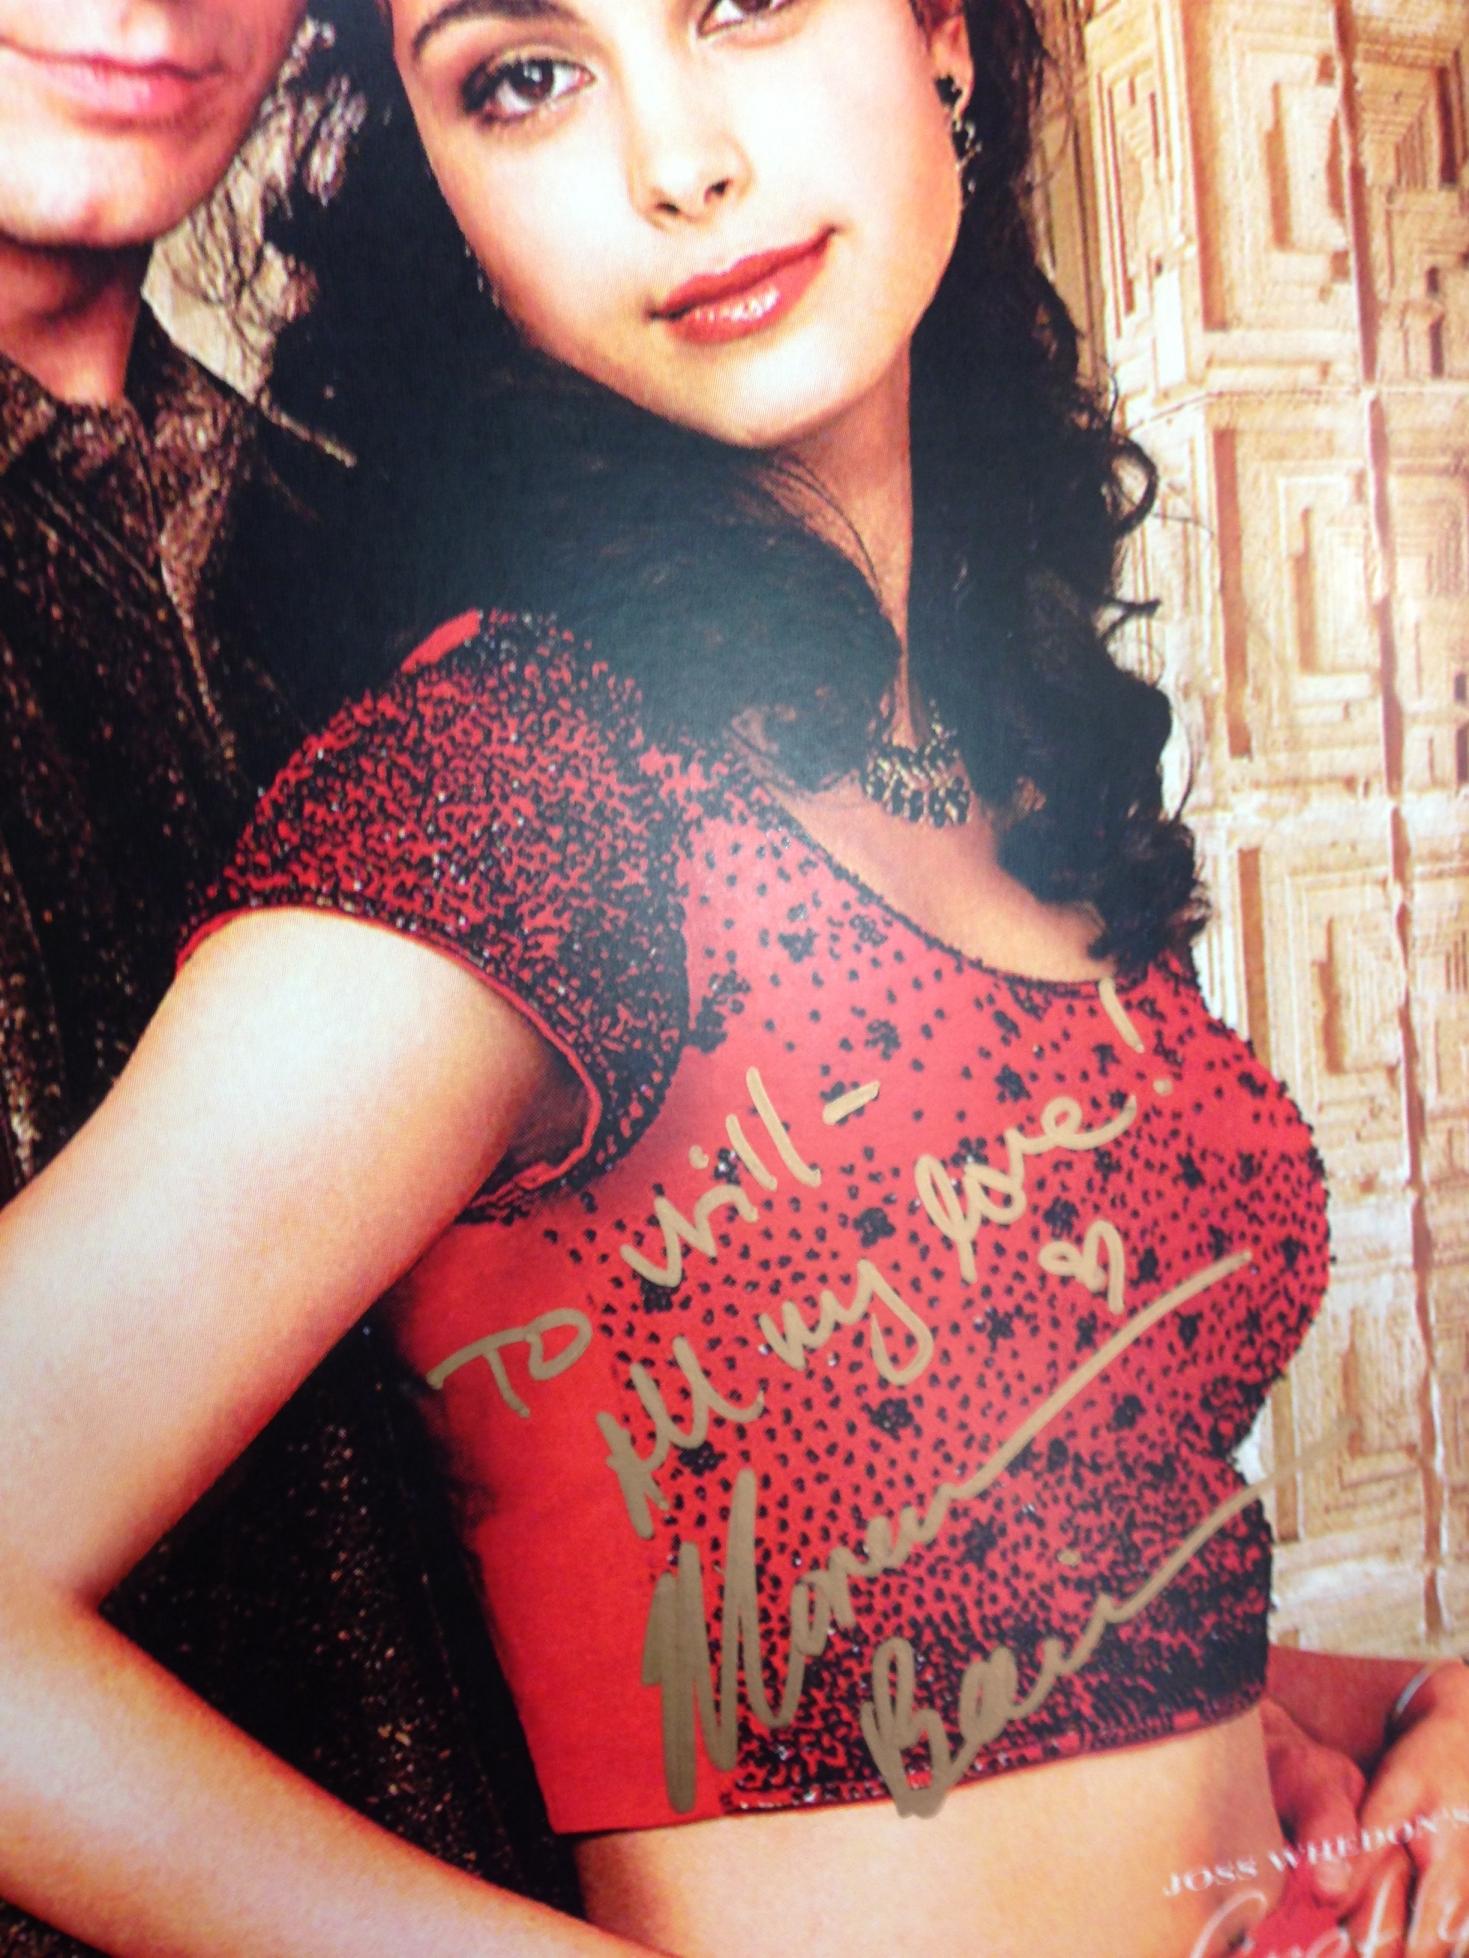 Portland Comic Con 2013 - Morena Baccarin's autograph